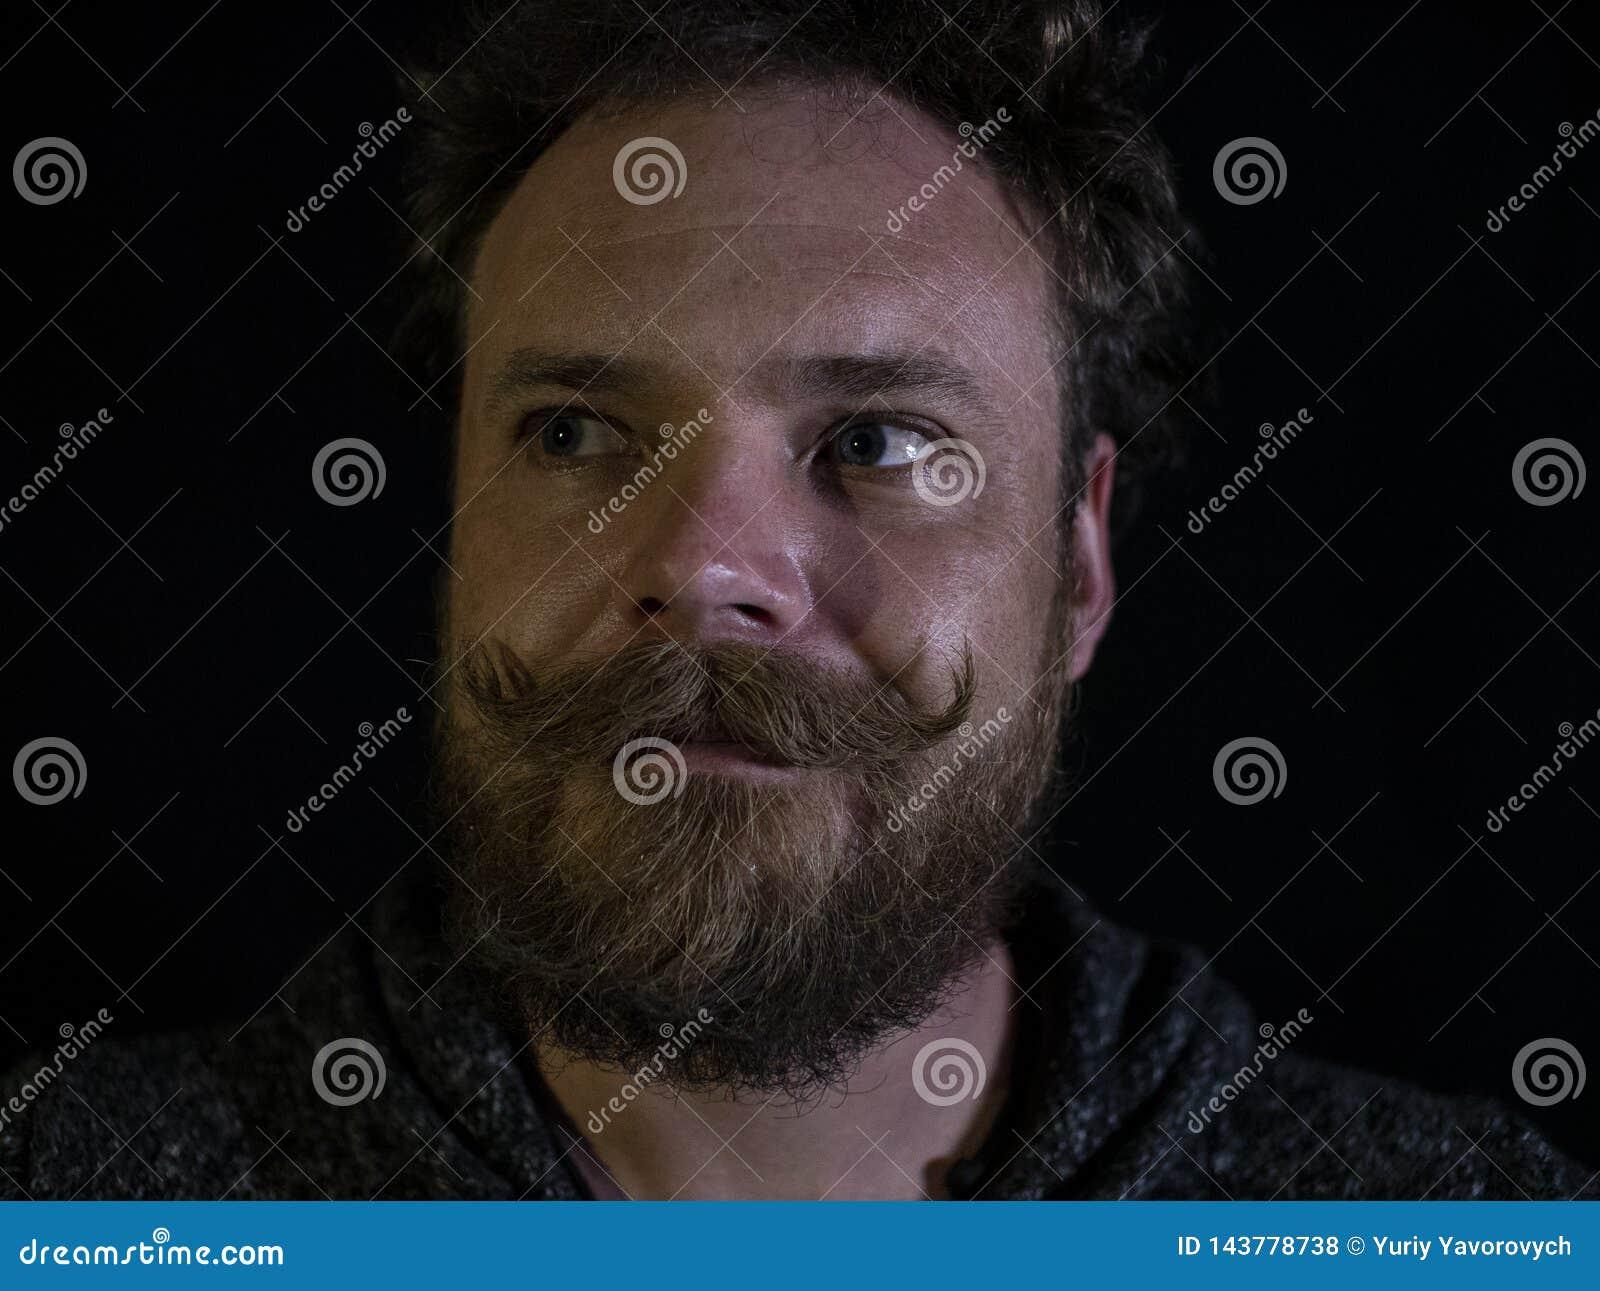 Czarnej brodzie i backgrounde w górę mężczyzny twarzy z wąsy i brody na